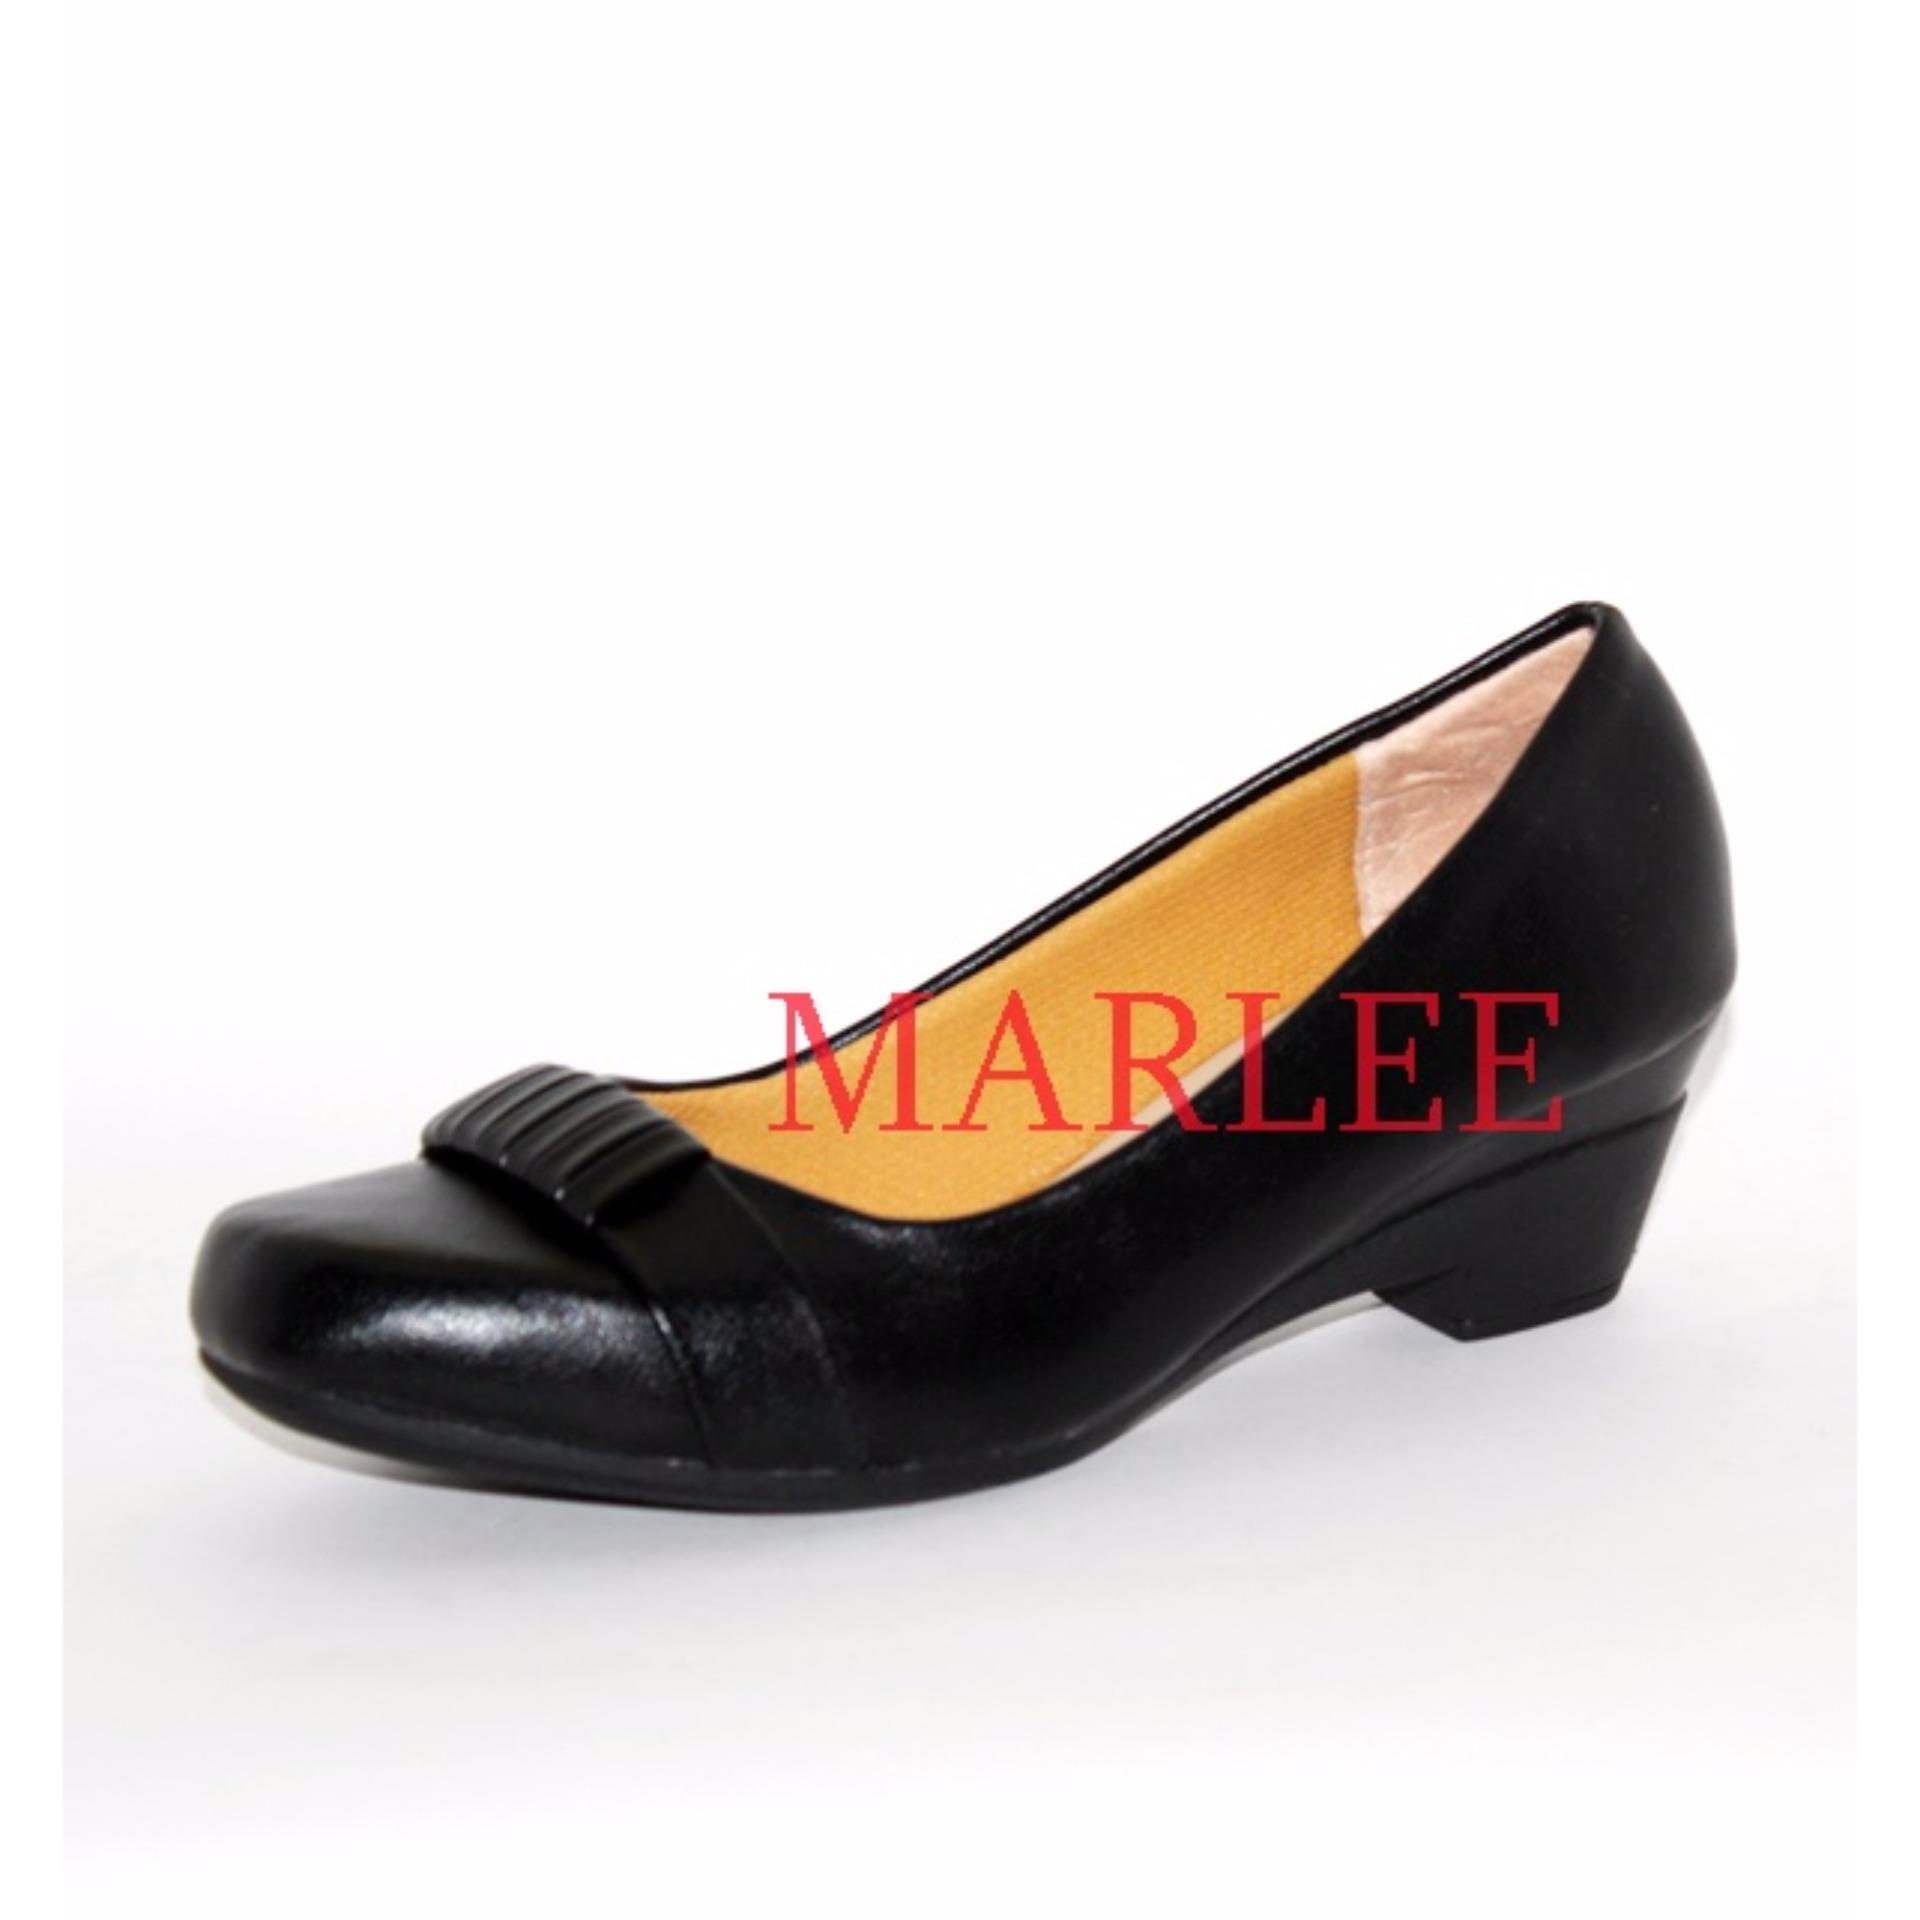 ... Marlee OTW-06 Sepatu Kerja Wanita - Hitam ...